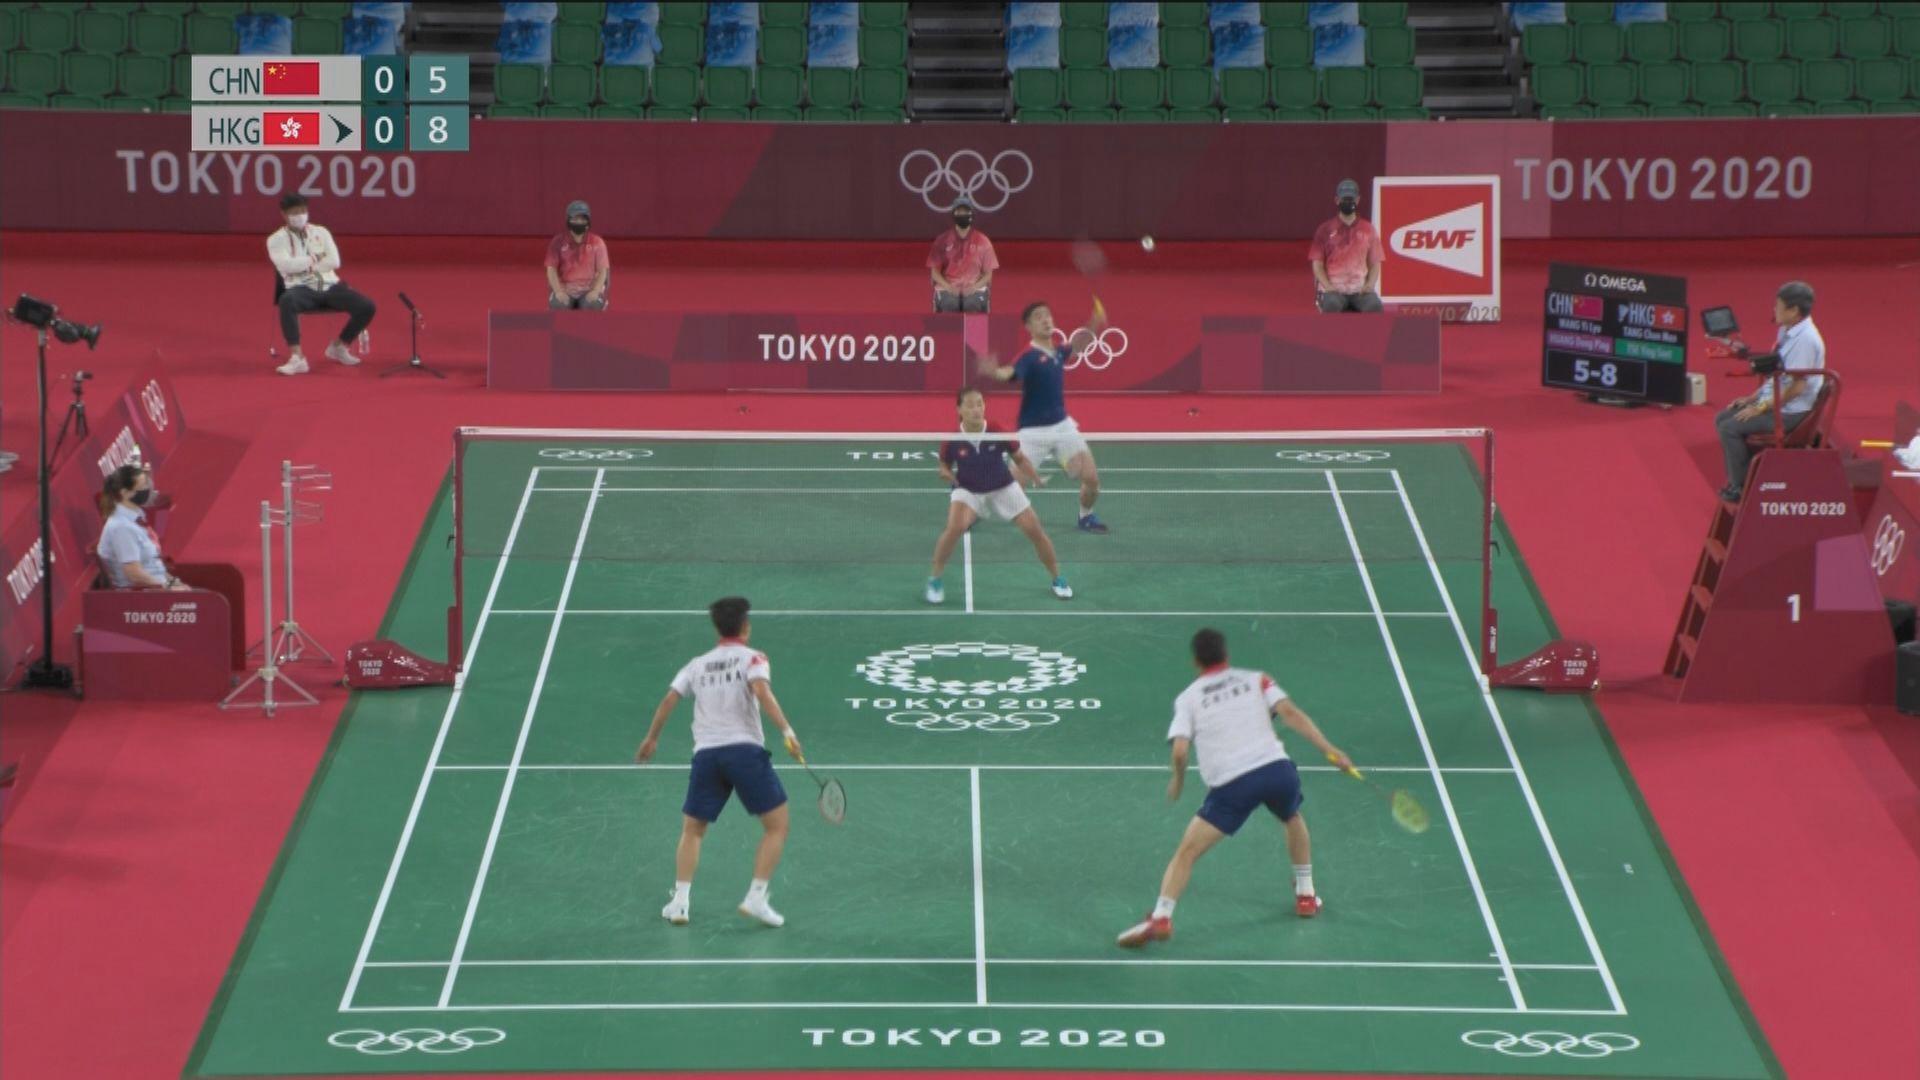 羽毛球混雙D組 鄧俊文和謝影雪不敵國家隊組合